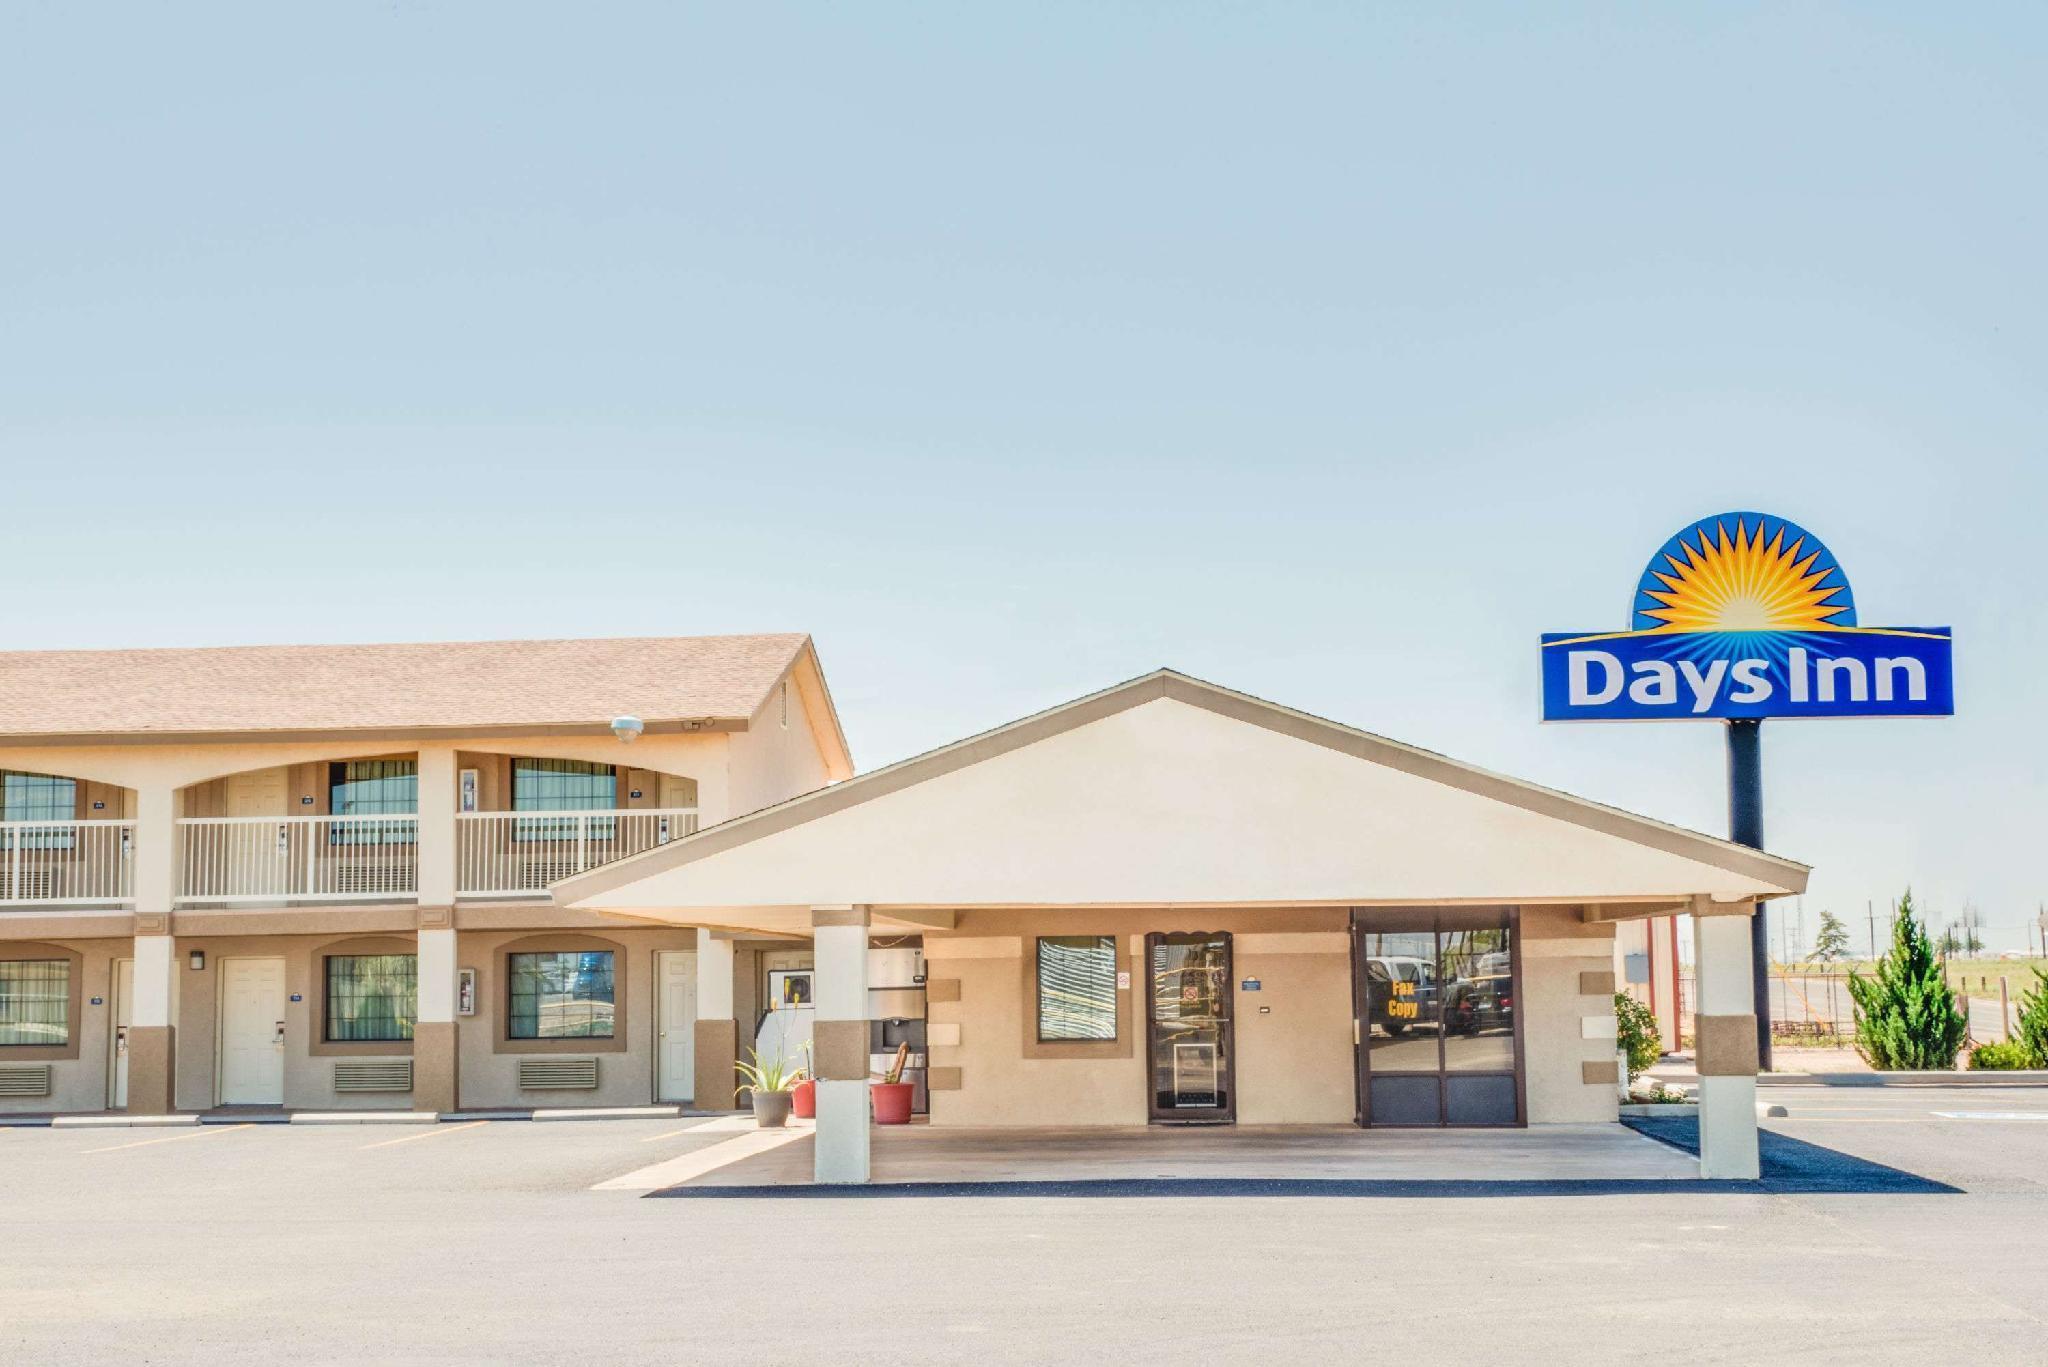 Days Inn By Wyndham Andrews Texas